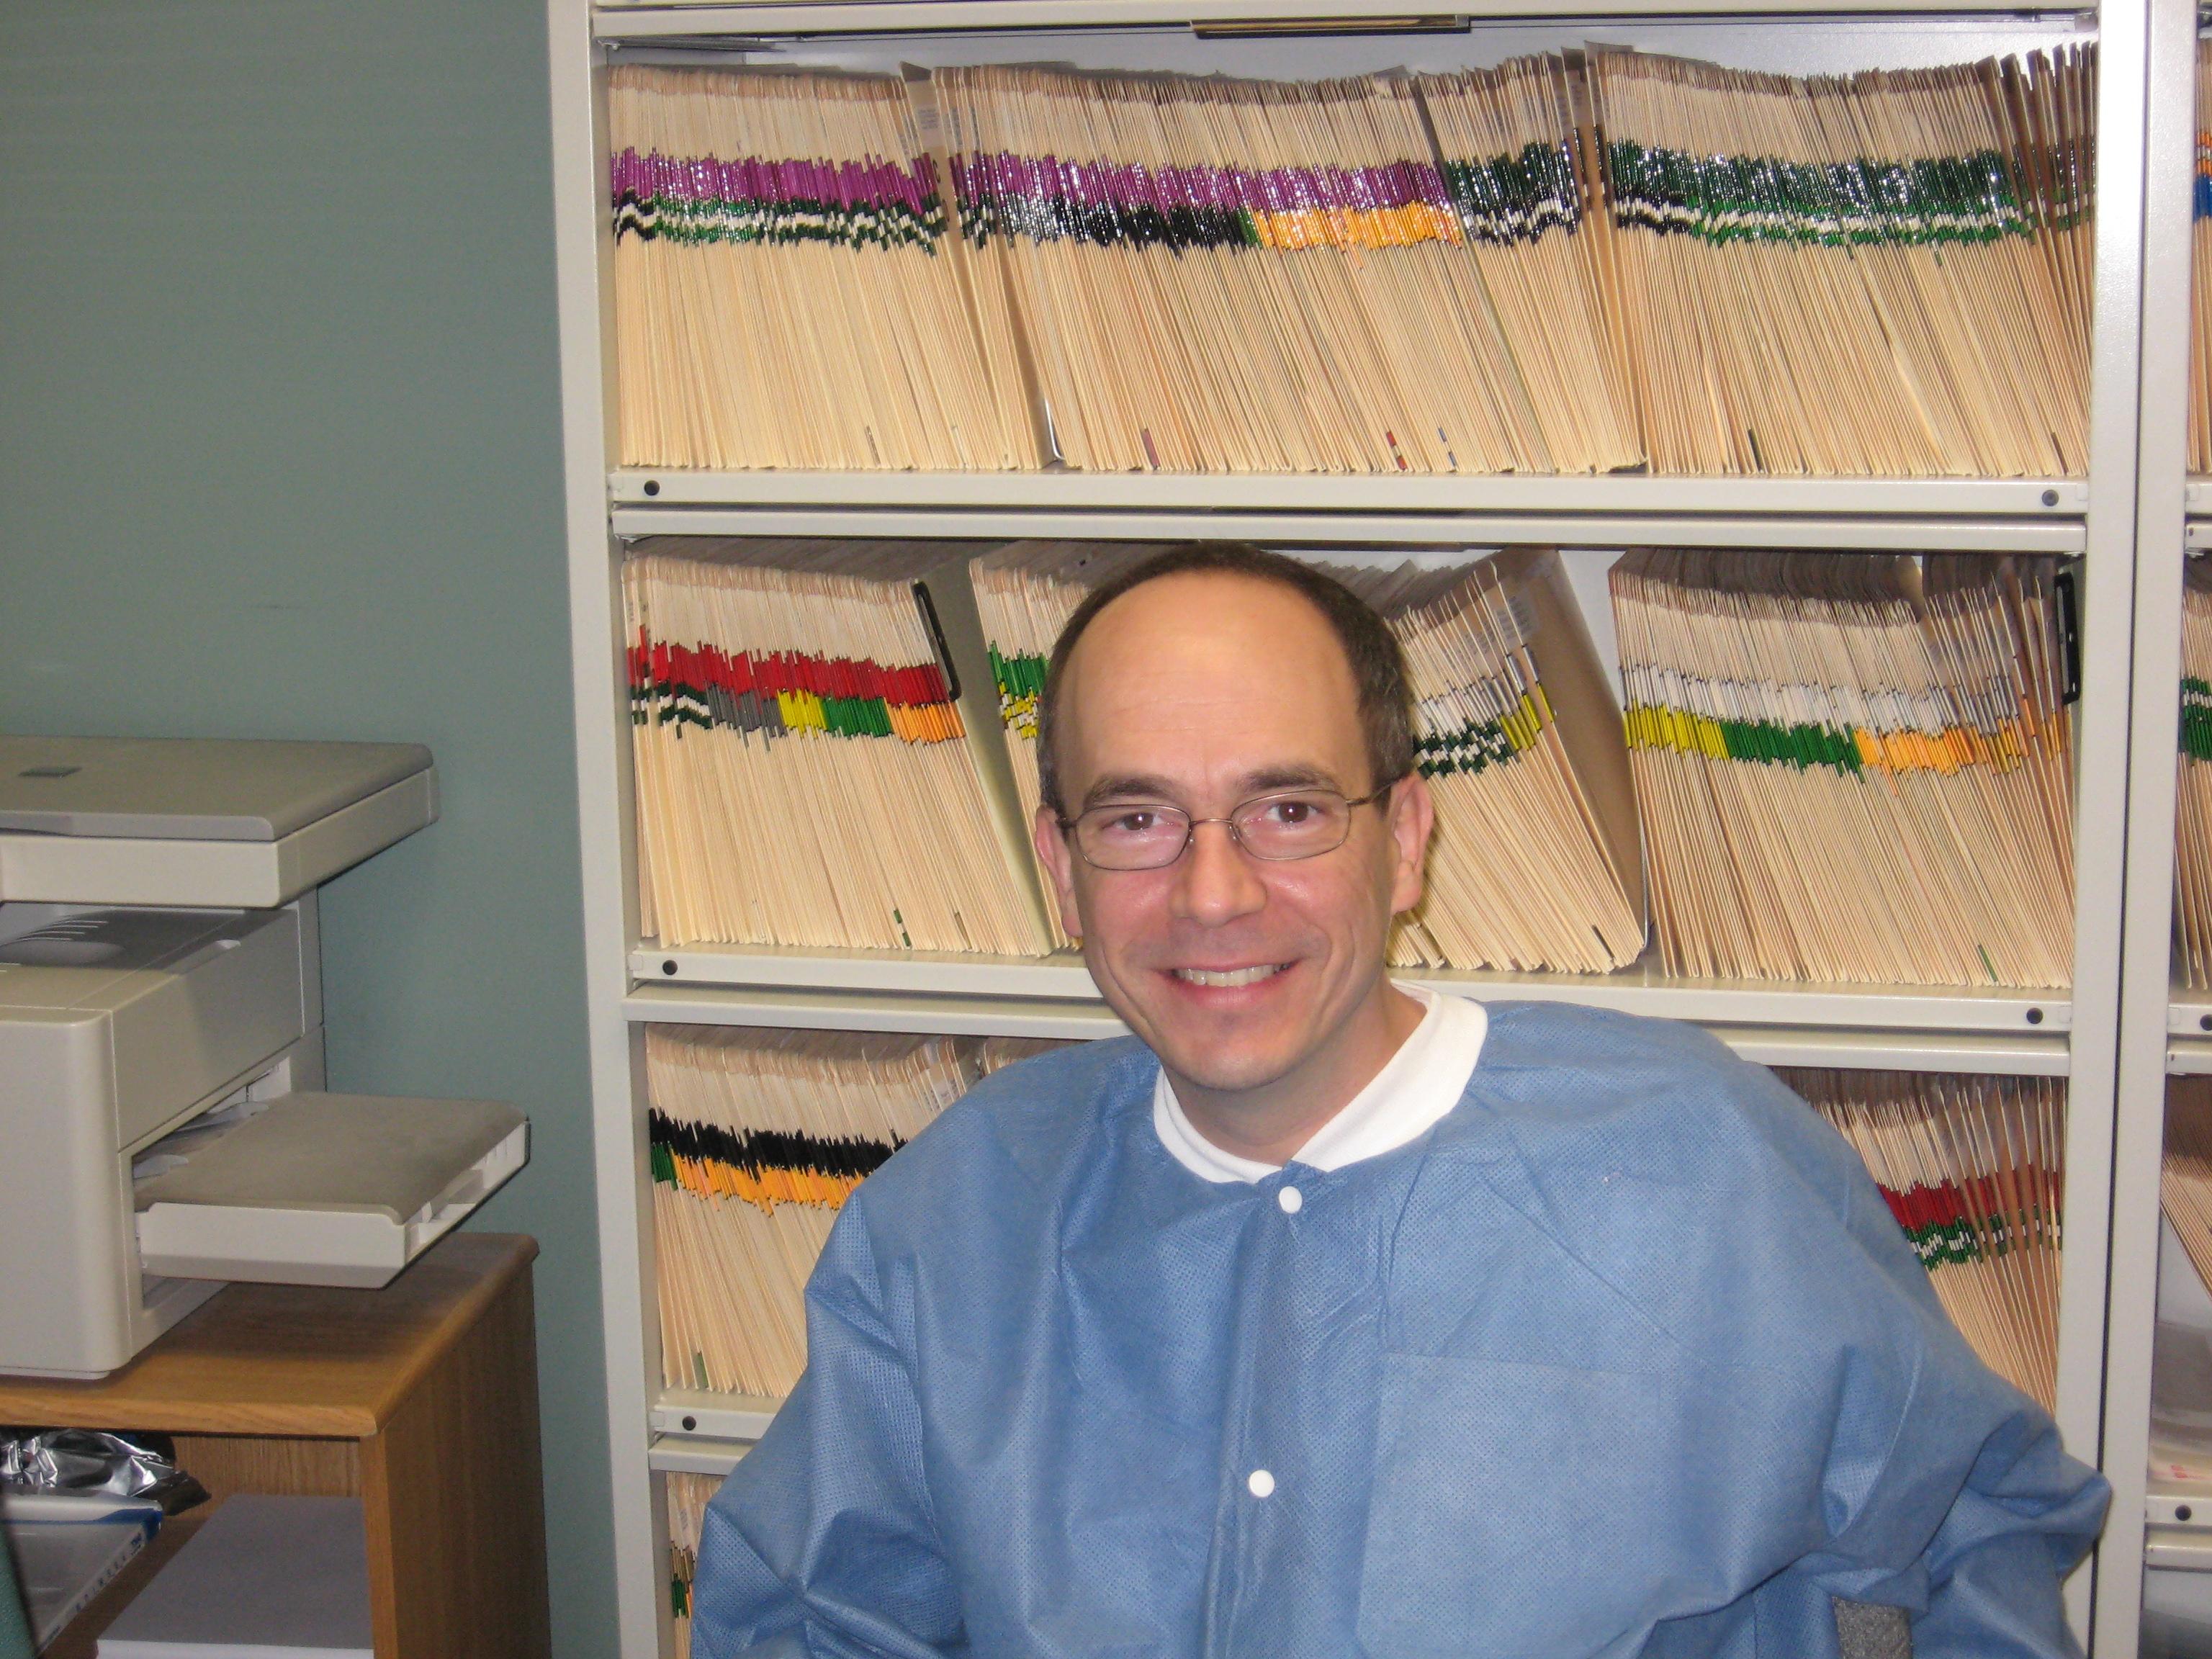 Robert Gradishar DDS